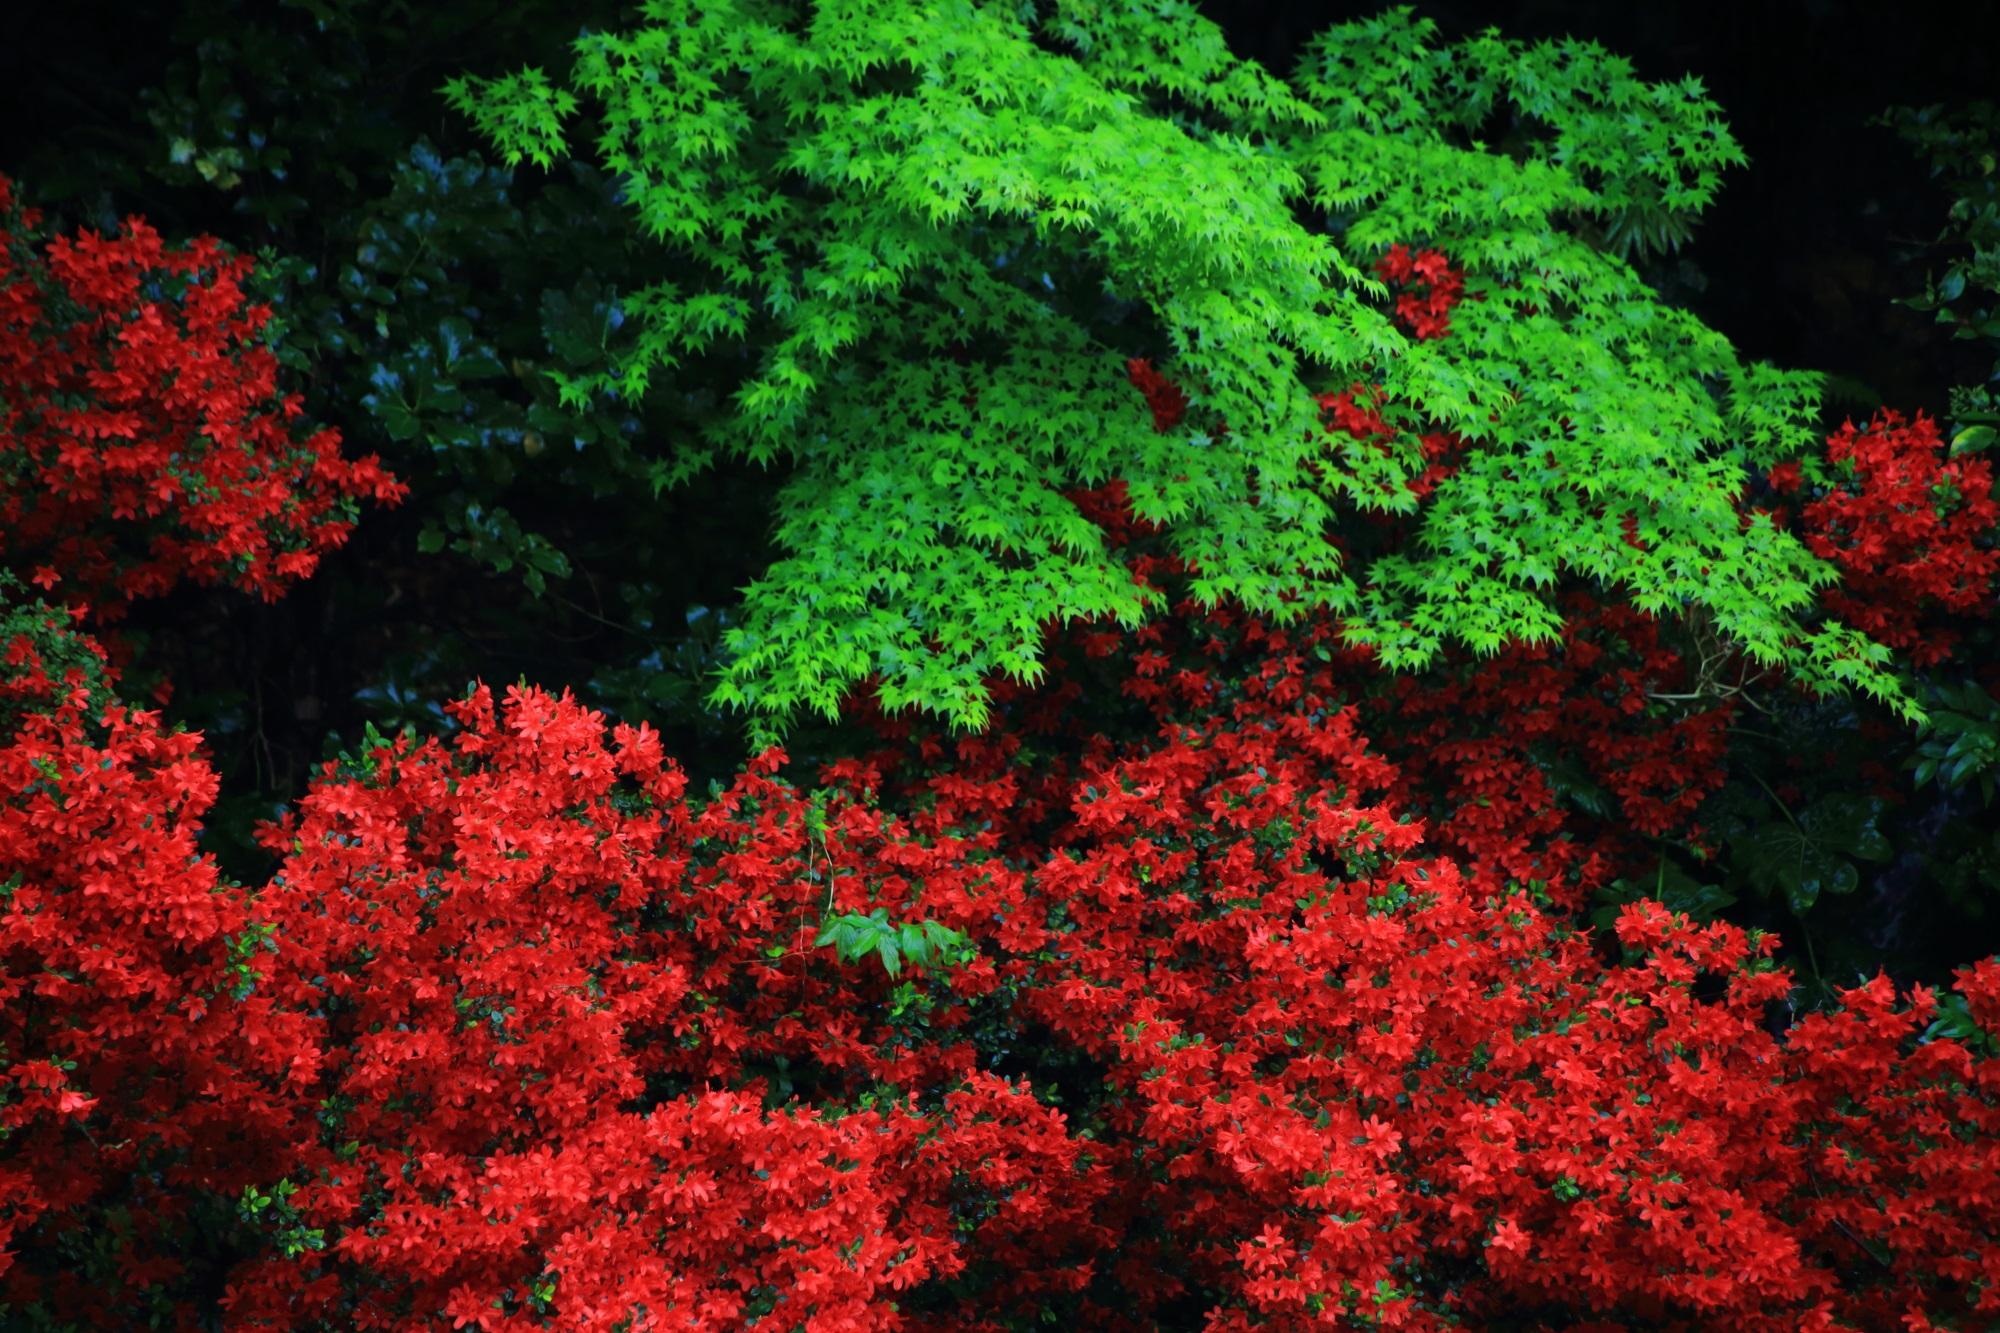 新緑の緑とツツジの赤の強烈なコントラスト